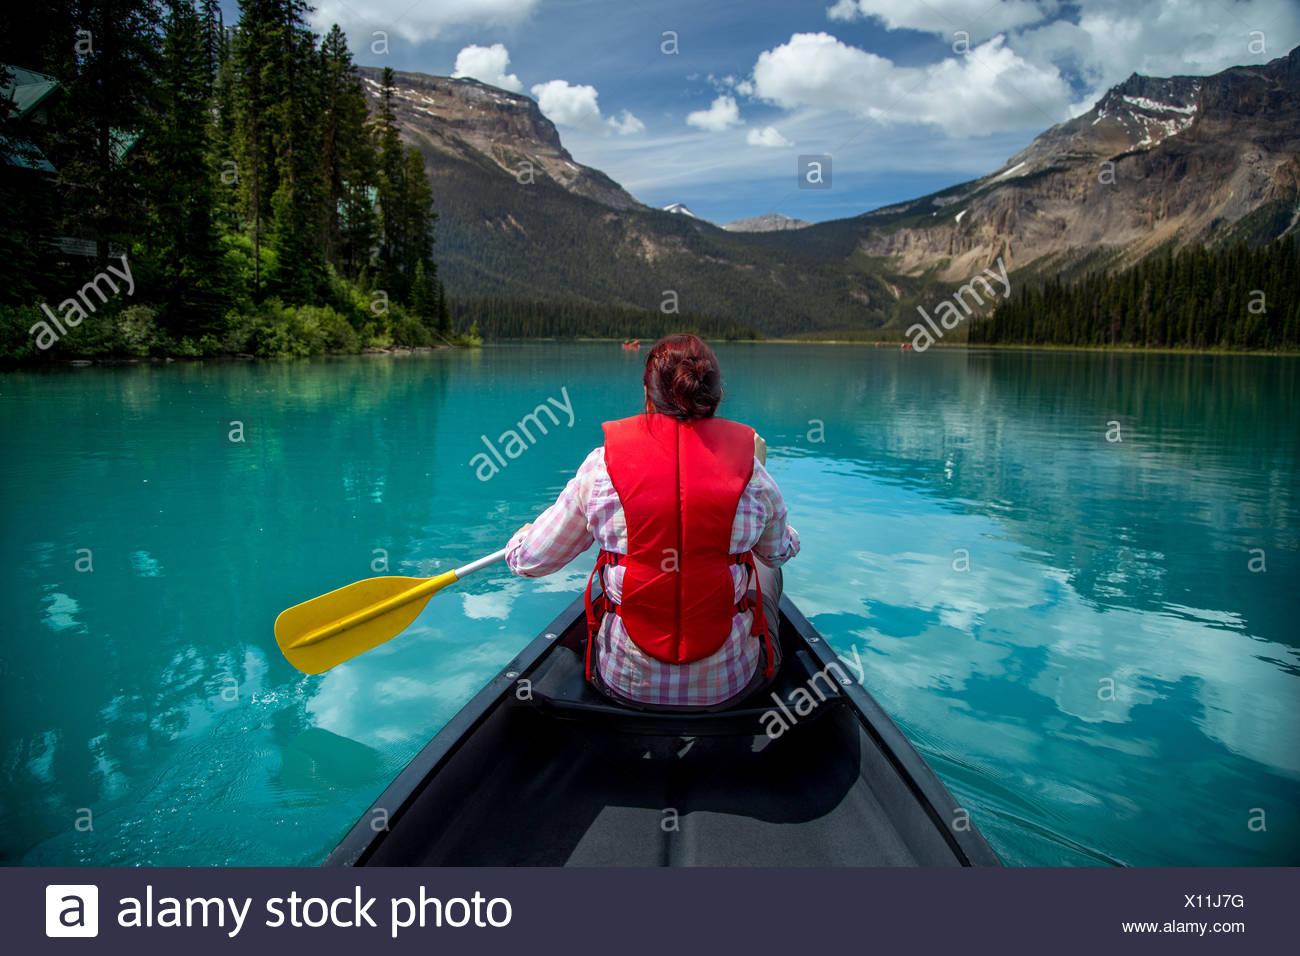 Mujer canotaje en el lago Esmeralda, el Parque Nacional Yoho, British Columbia, Canadá Imagen De Stock